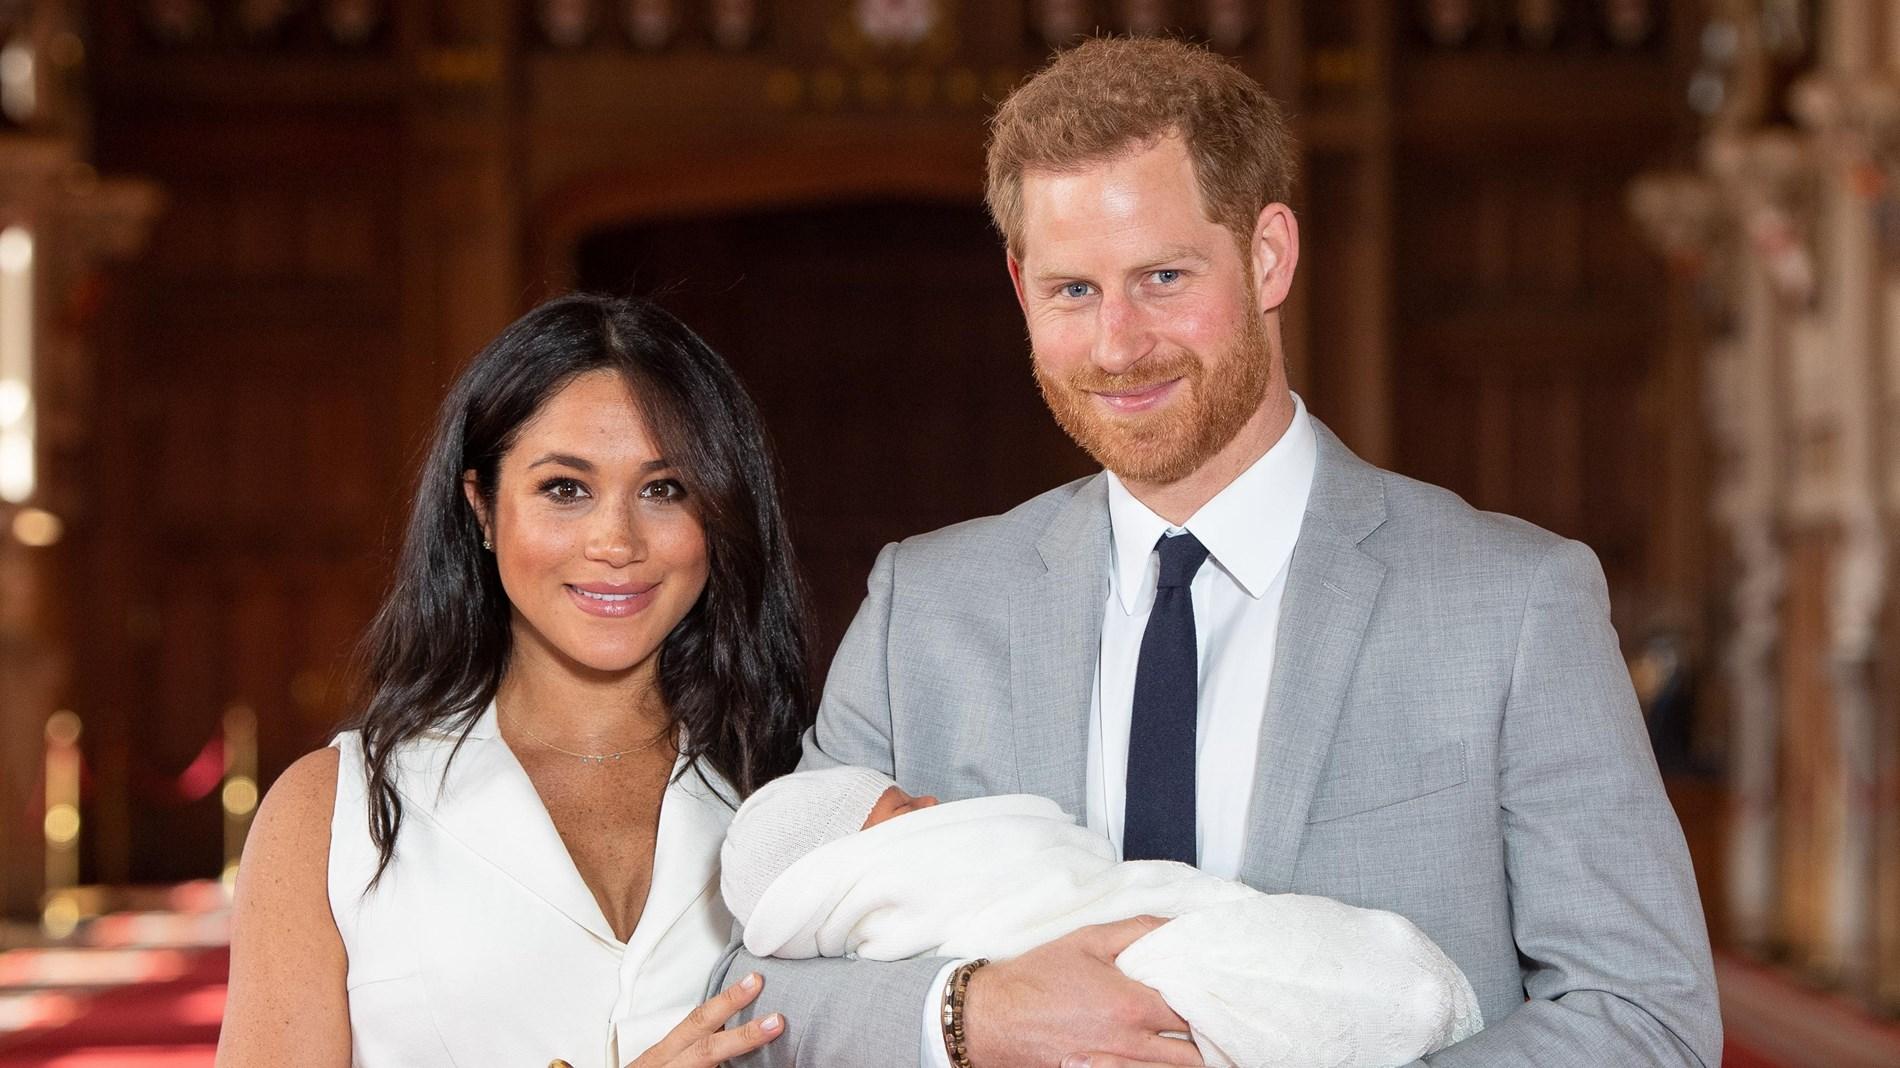 بسبب مولودته الجديدة.. الأمير هاري يتوعد هيئة الإذاعة البريطانية BBC